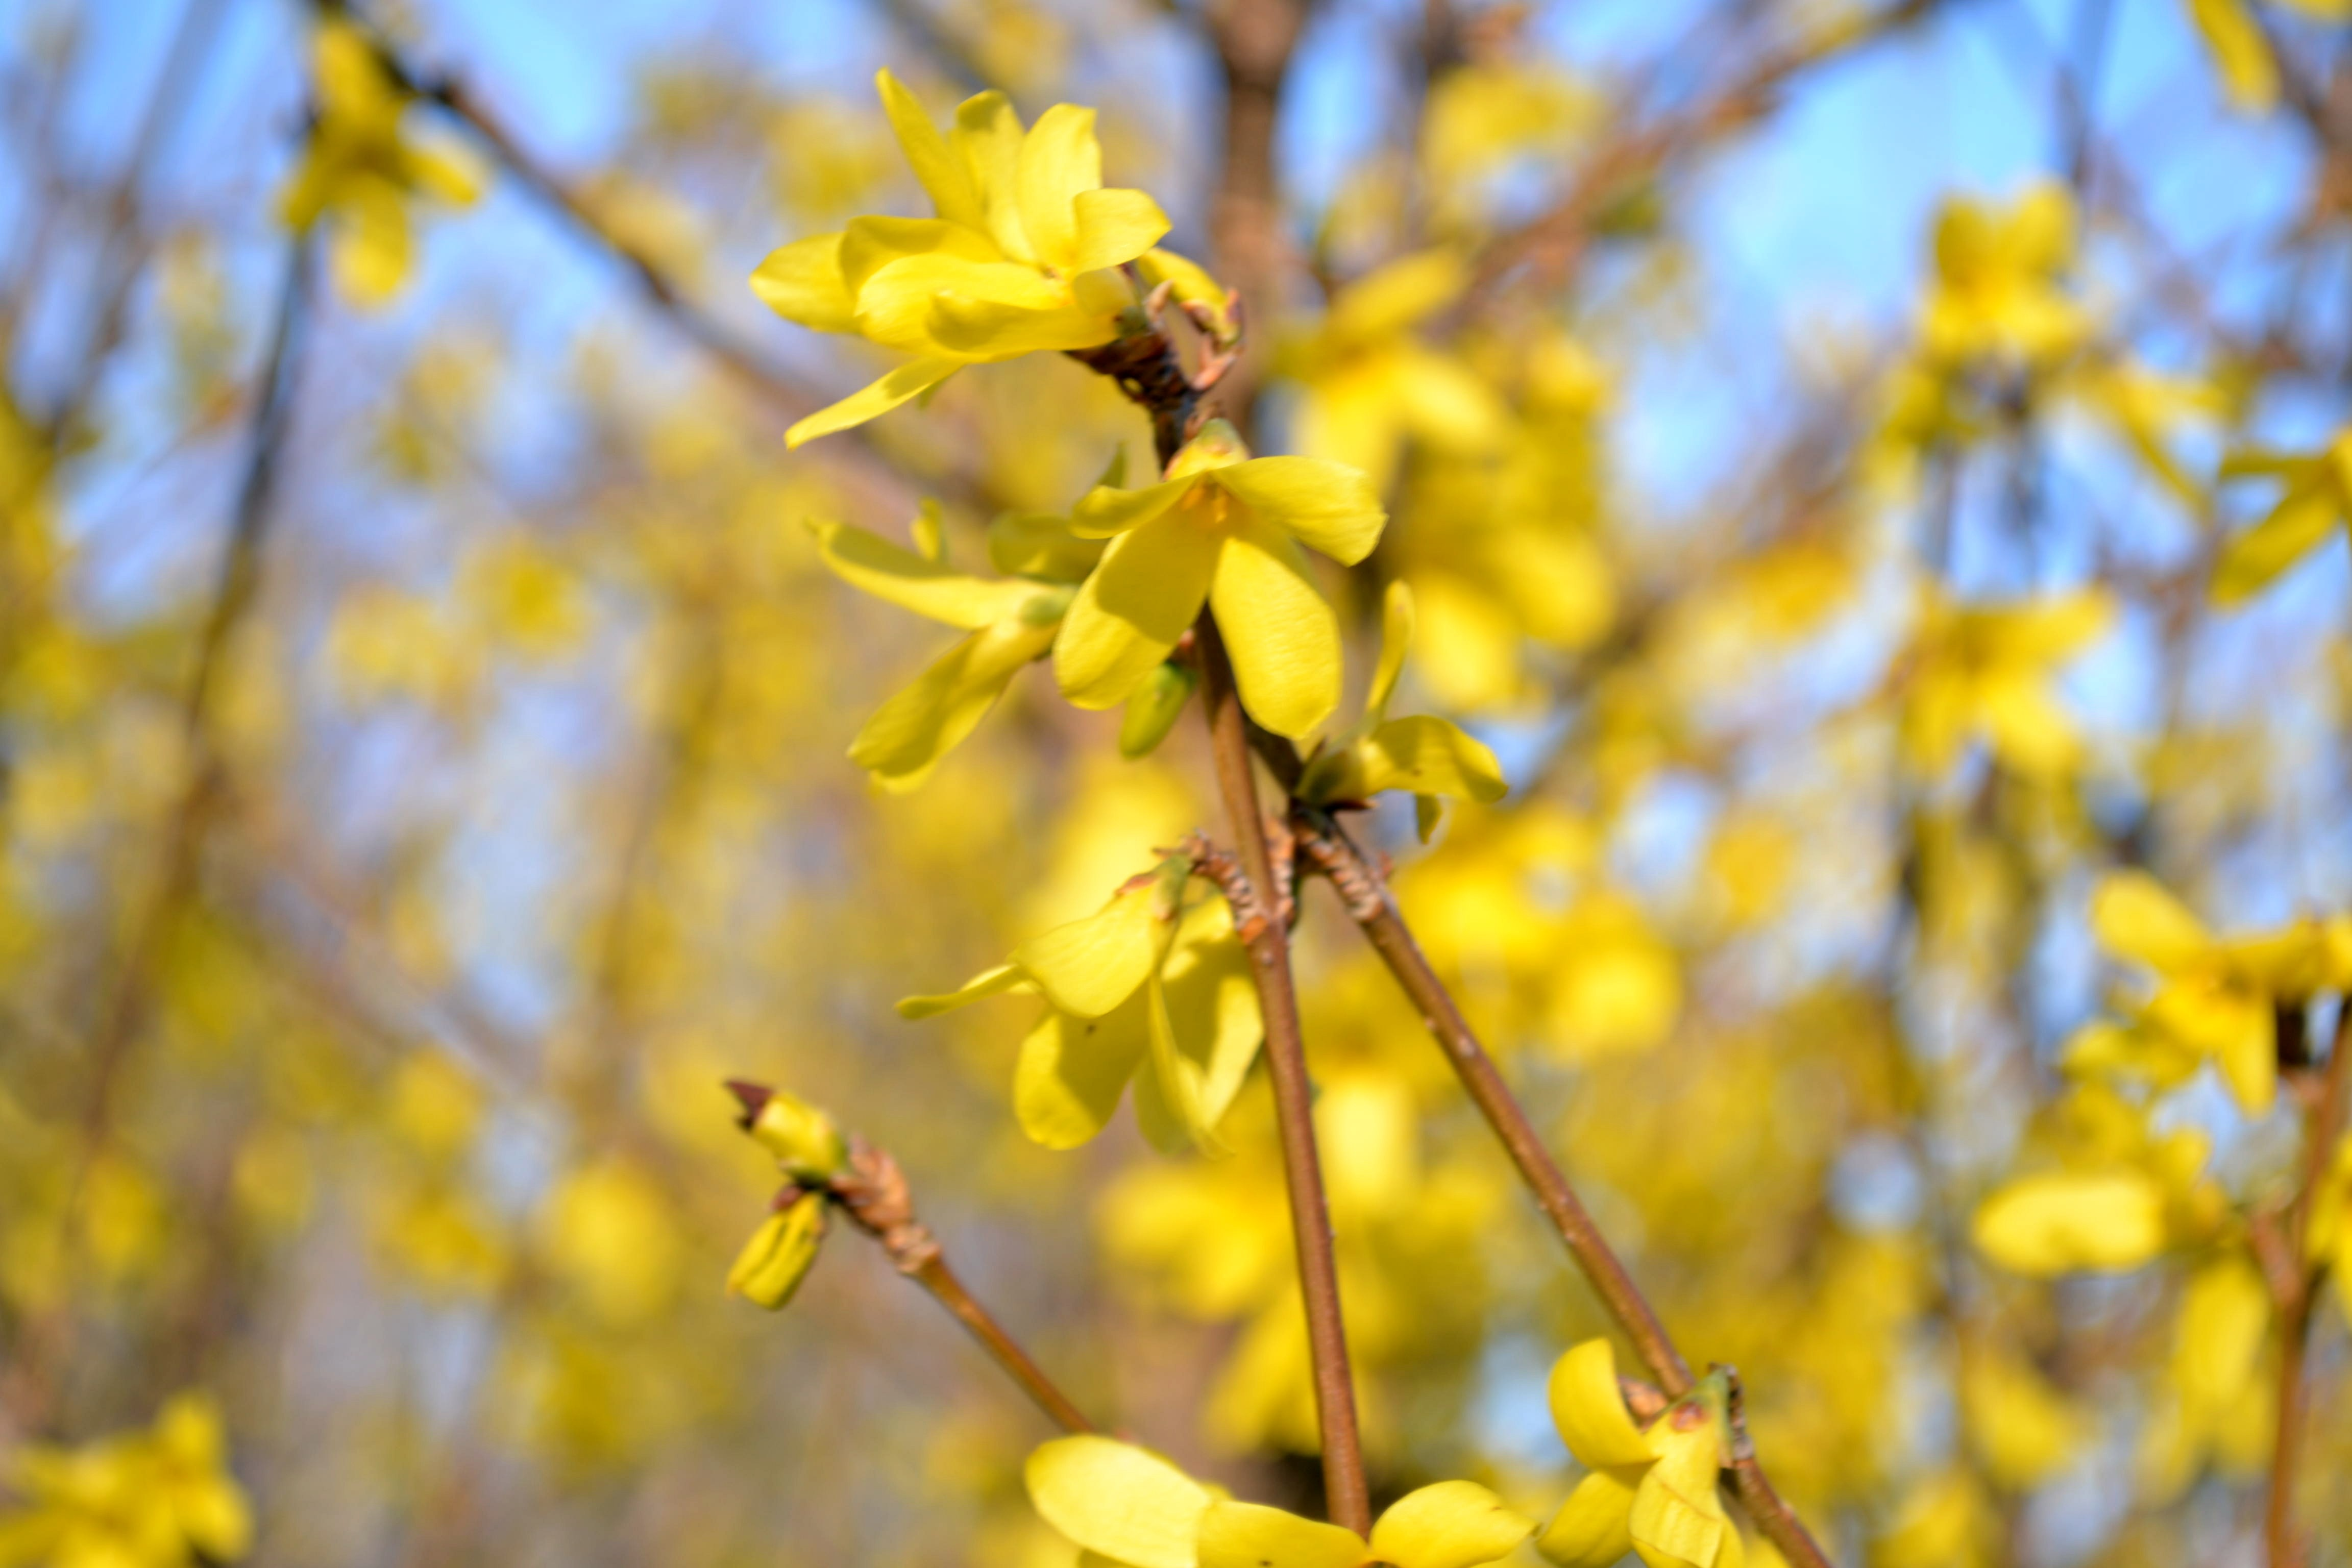 http://images.sevstar.net/images/42403948583209667144.jpg